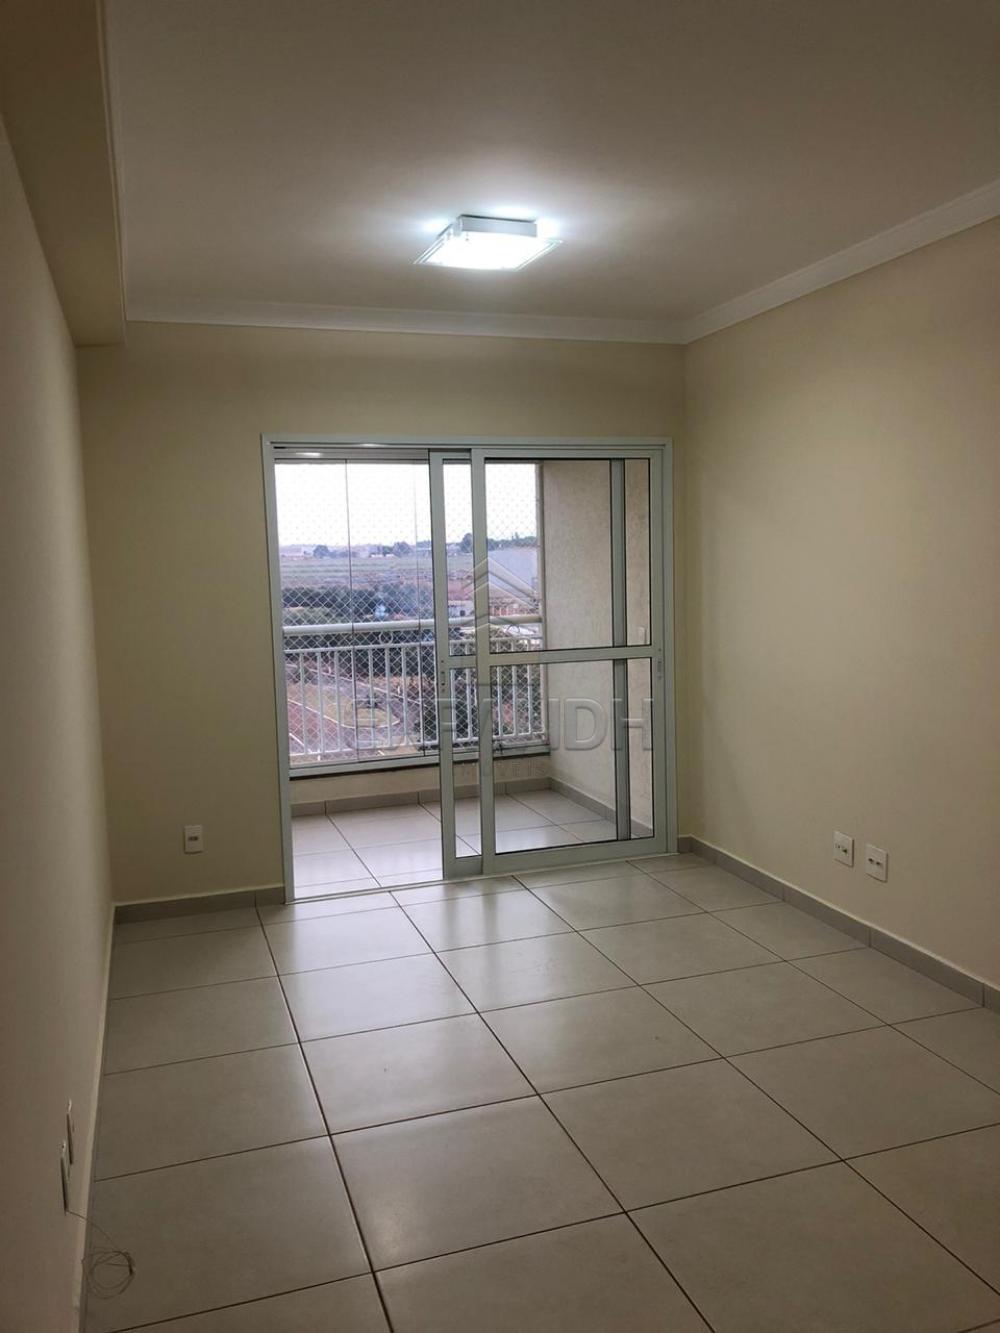 Alugar Apartamentos / Padrão em Sertãozinho apenas R$ 1.300,00 - Foto 2